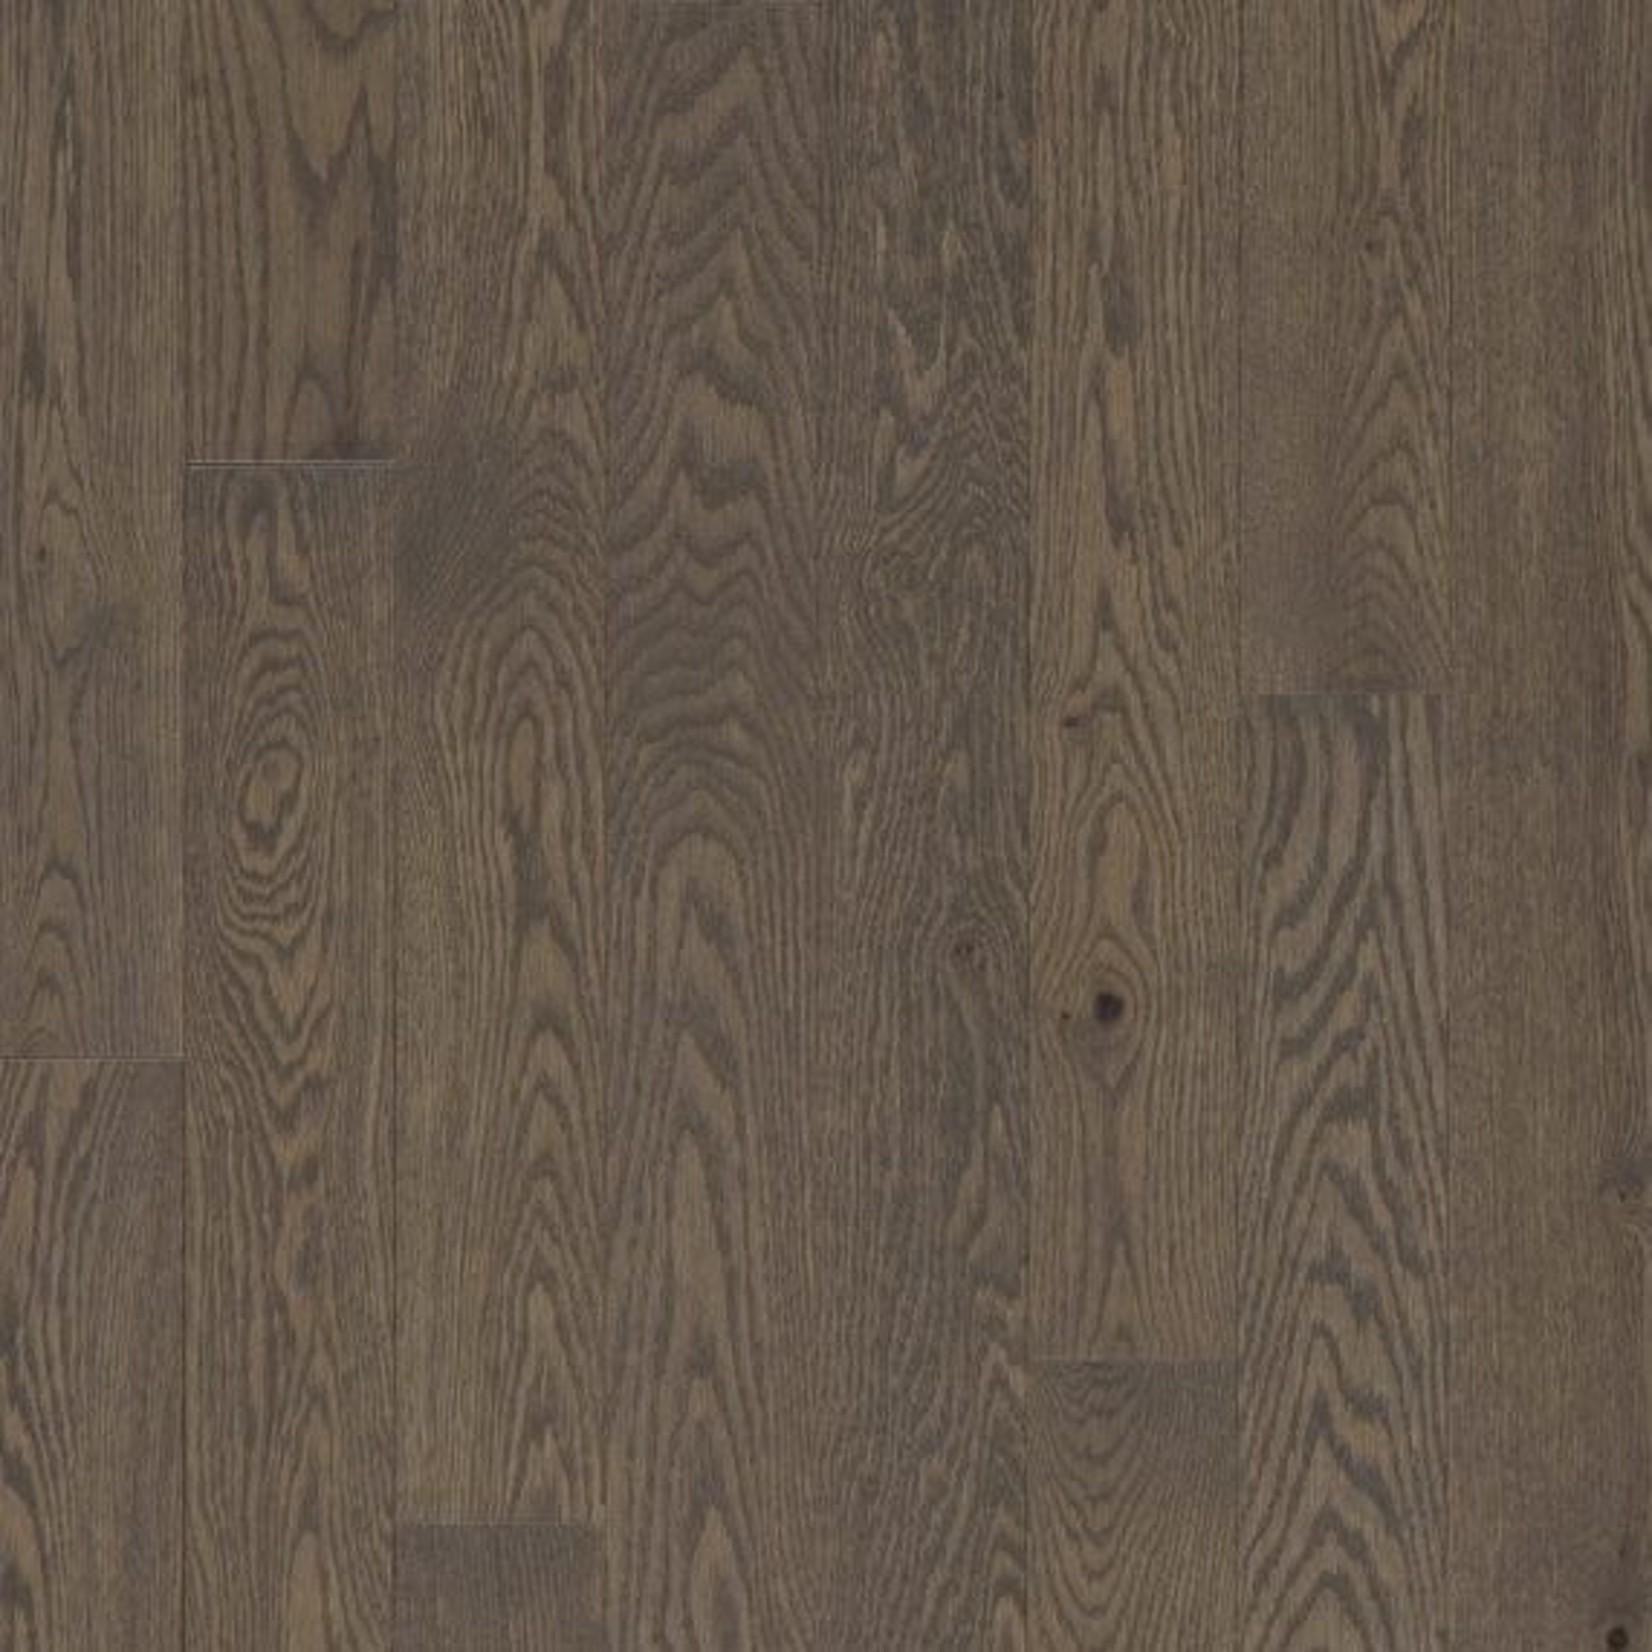 Dubeau Planchers Dubeau - Plancher Chêne rouge variation verni mat 20%